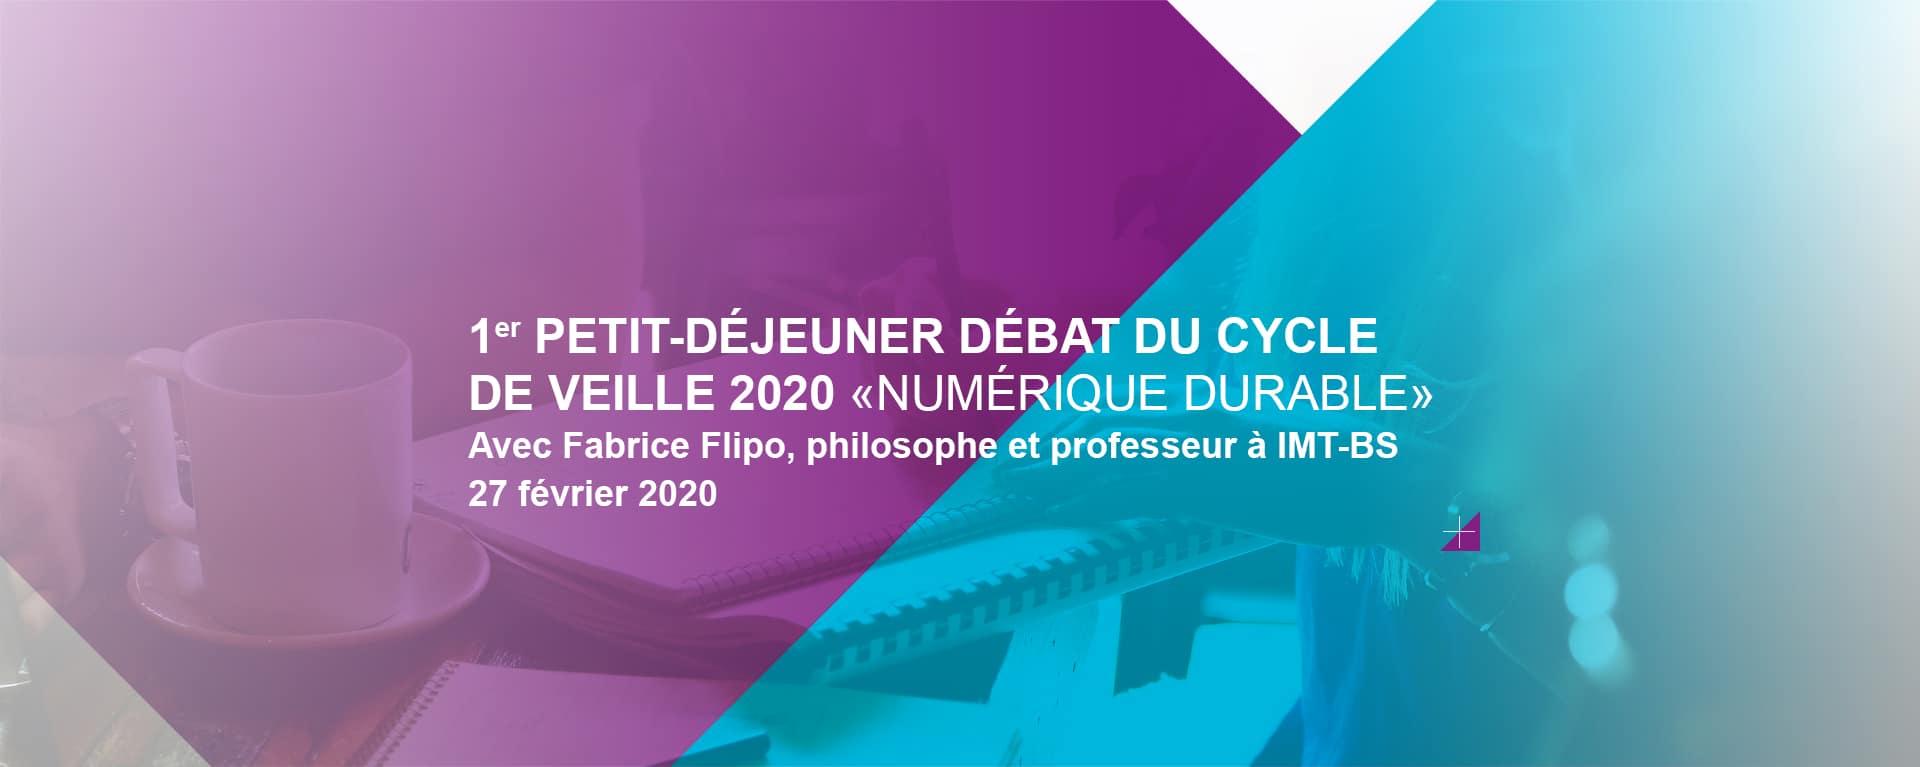 Défis éthiques du numérique, petit-déjeuner débat avec Fabrice Flipo